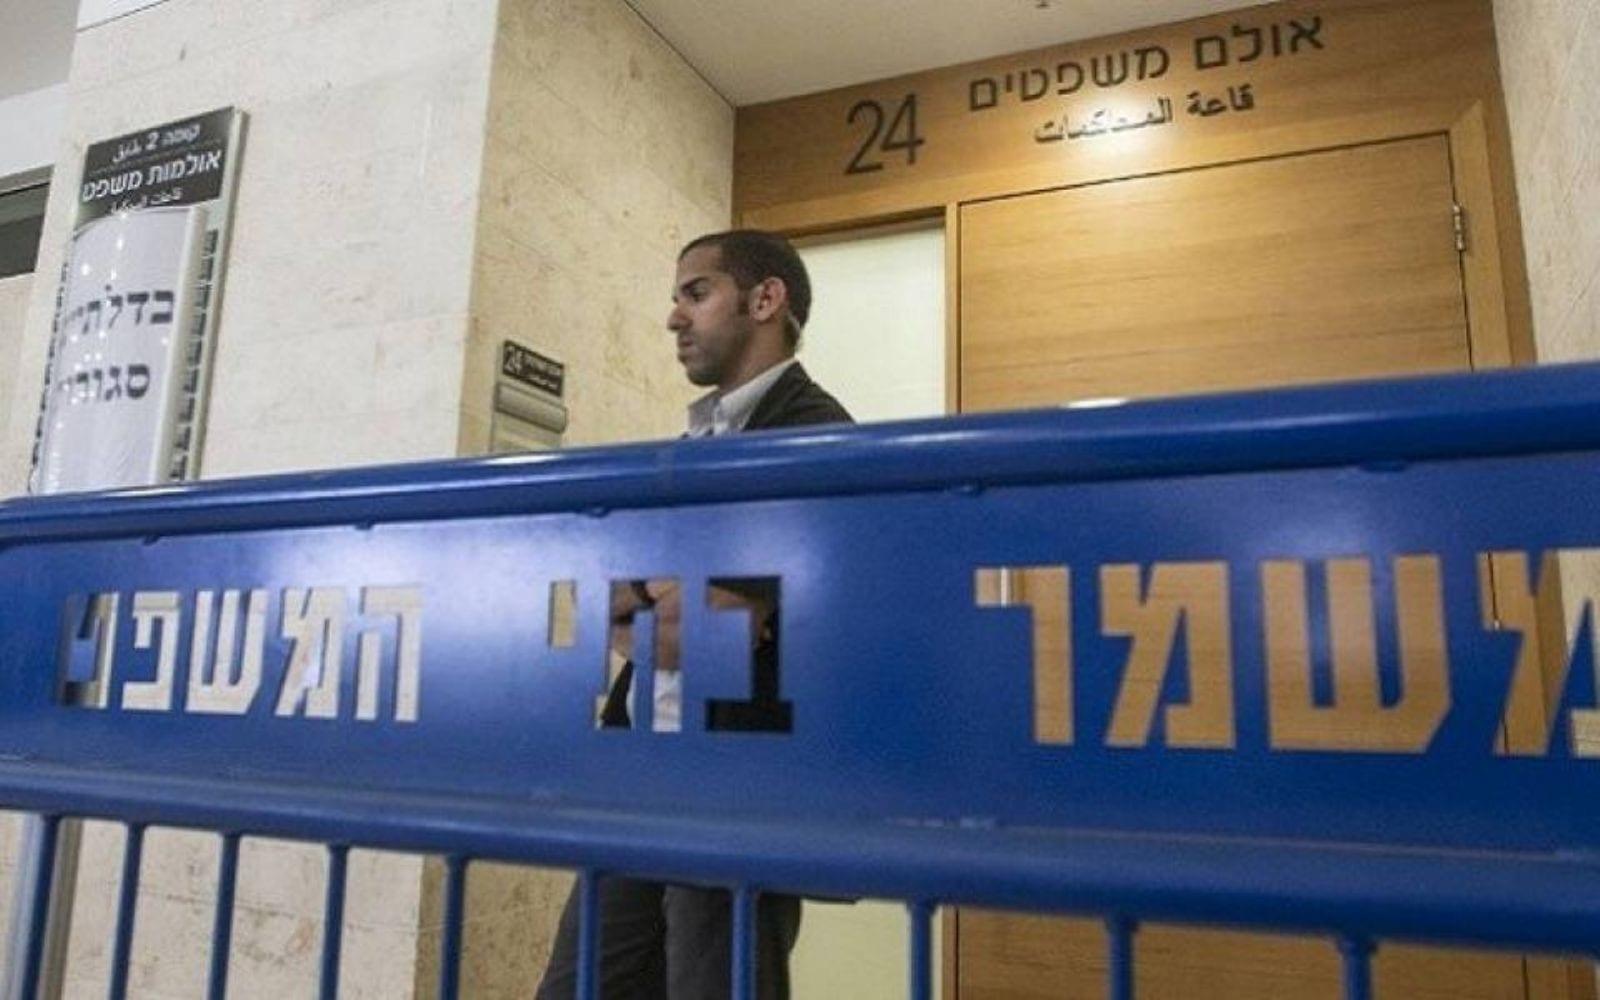 الاحتلال يمدد أمر الإفراج عن الأسرى ذوي الأحكام القصيرة بسبب ضغط المحاكم